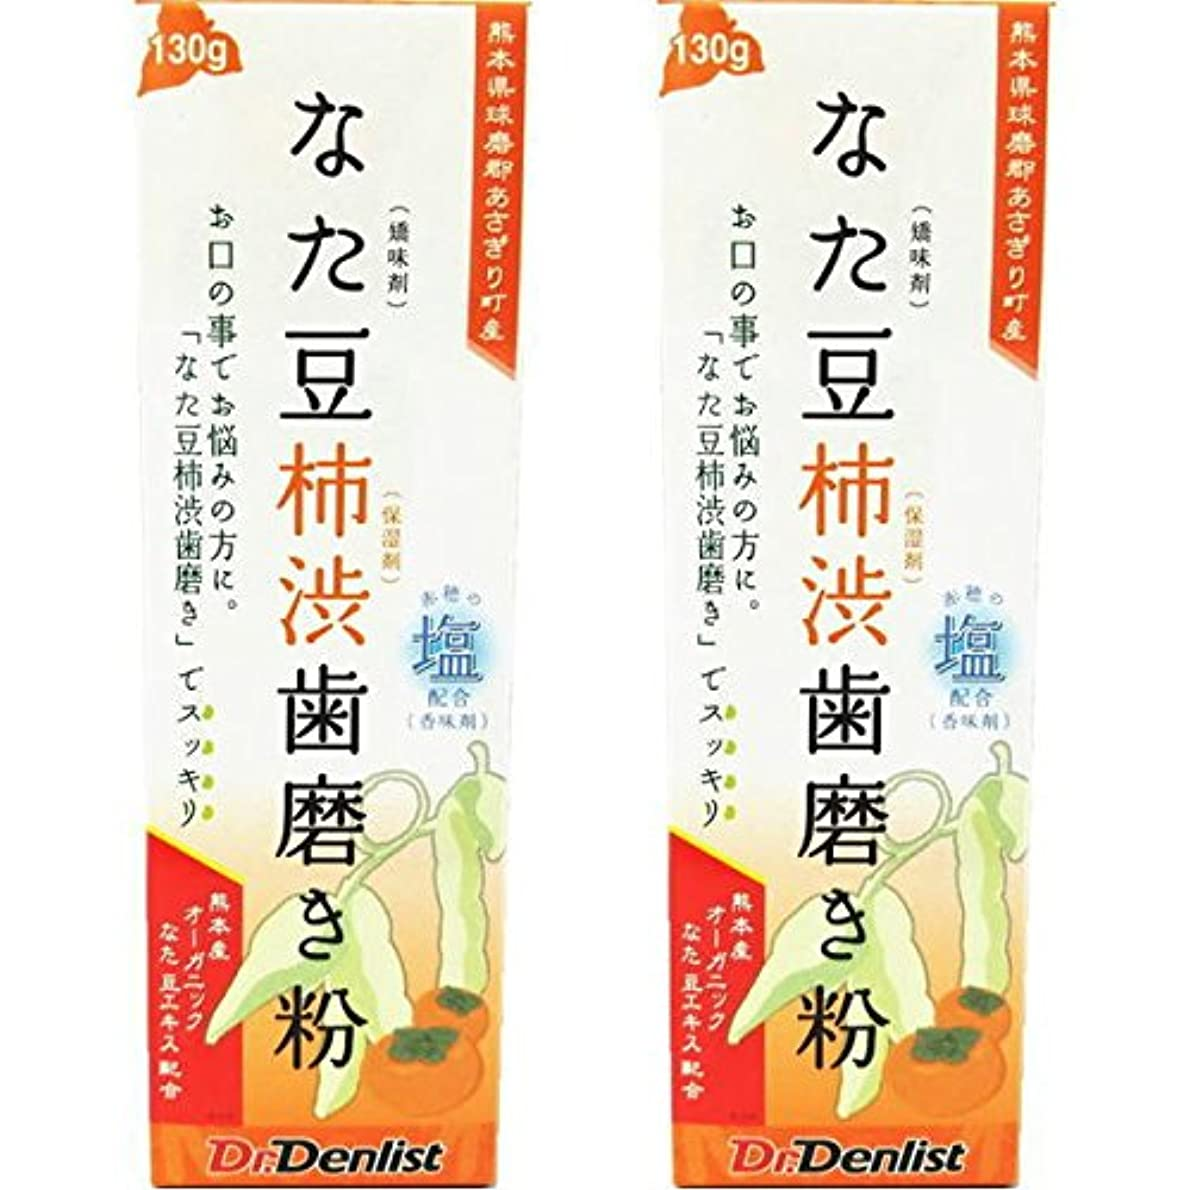 機関車机生むなた豆柿渋歯磨き 130g 2個セット 国産 有機なた豆使用 赤穂の塩配合(香味剤)